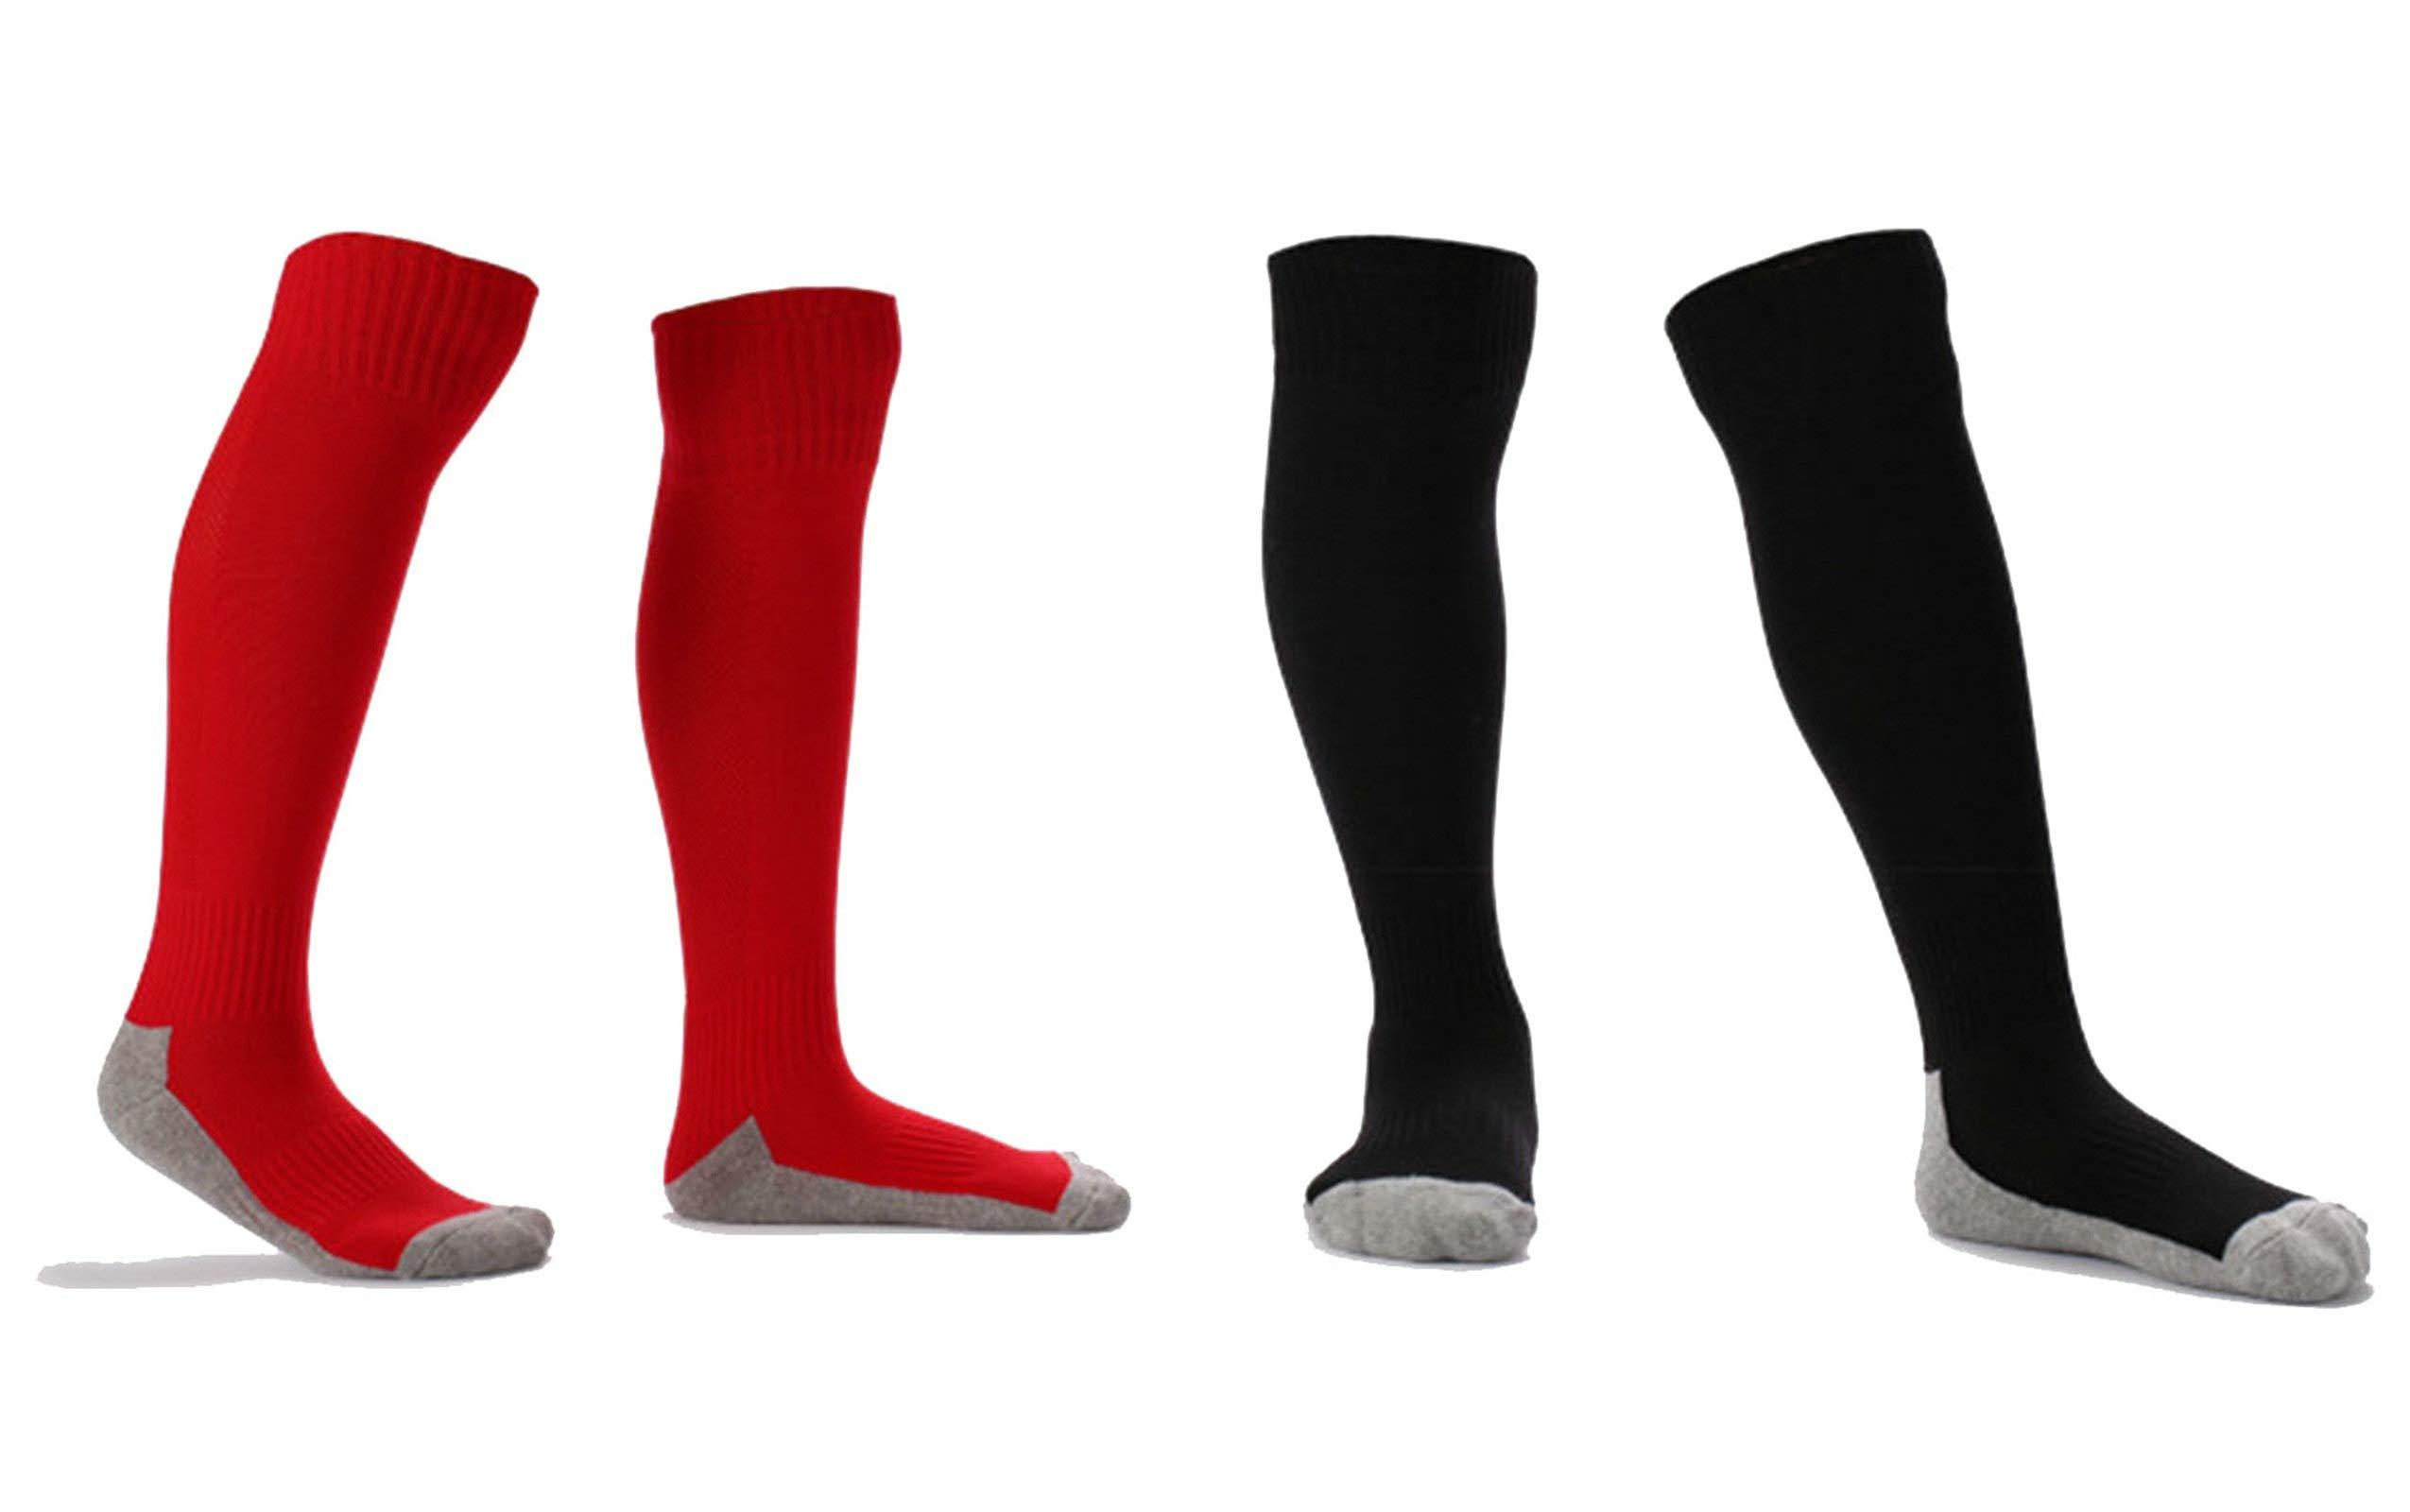 Soccer Socks Towel Bottom Long-Sleeve Socks Size S 33-38 Yards Black and White Blue Orange Green 6Pair